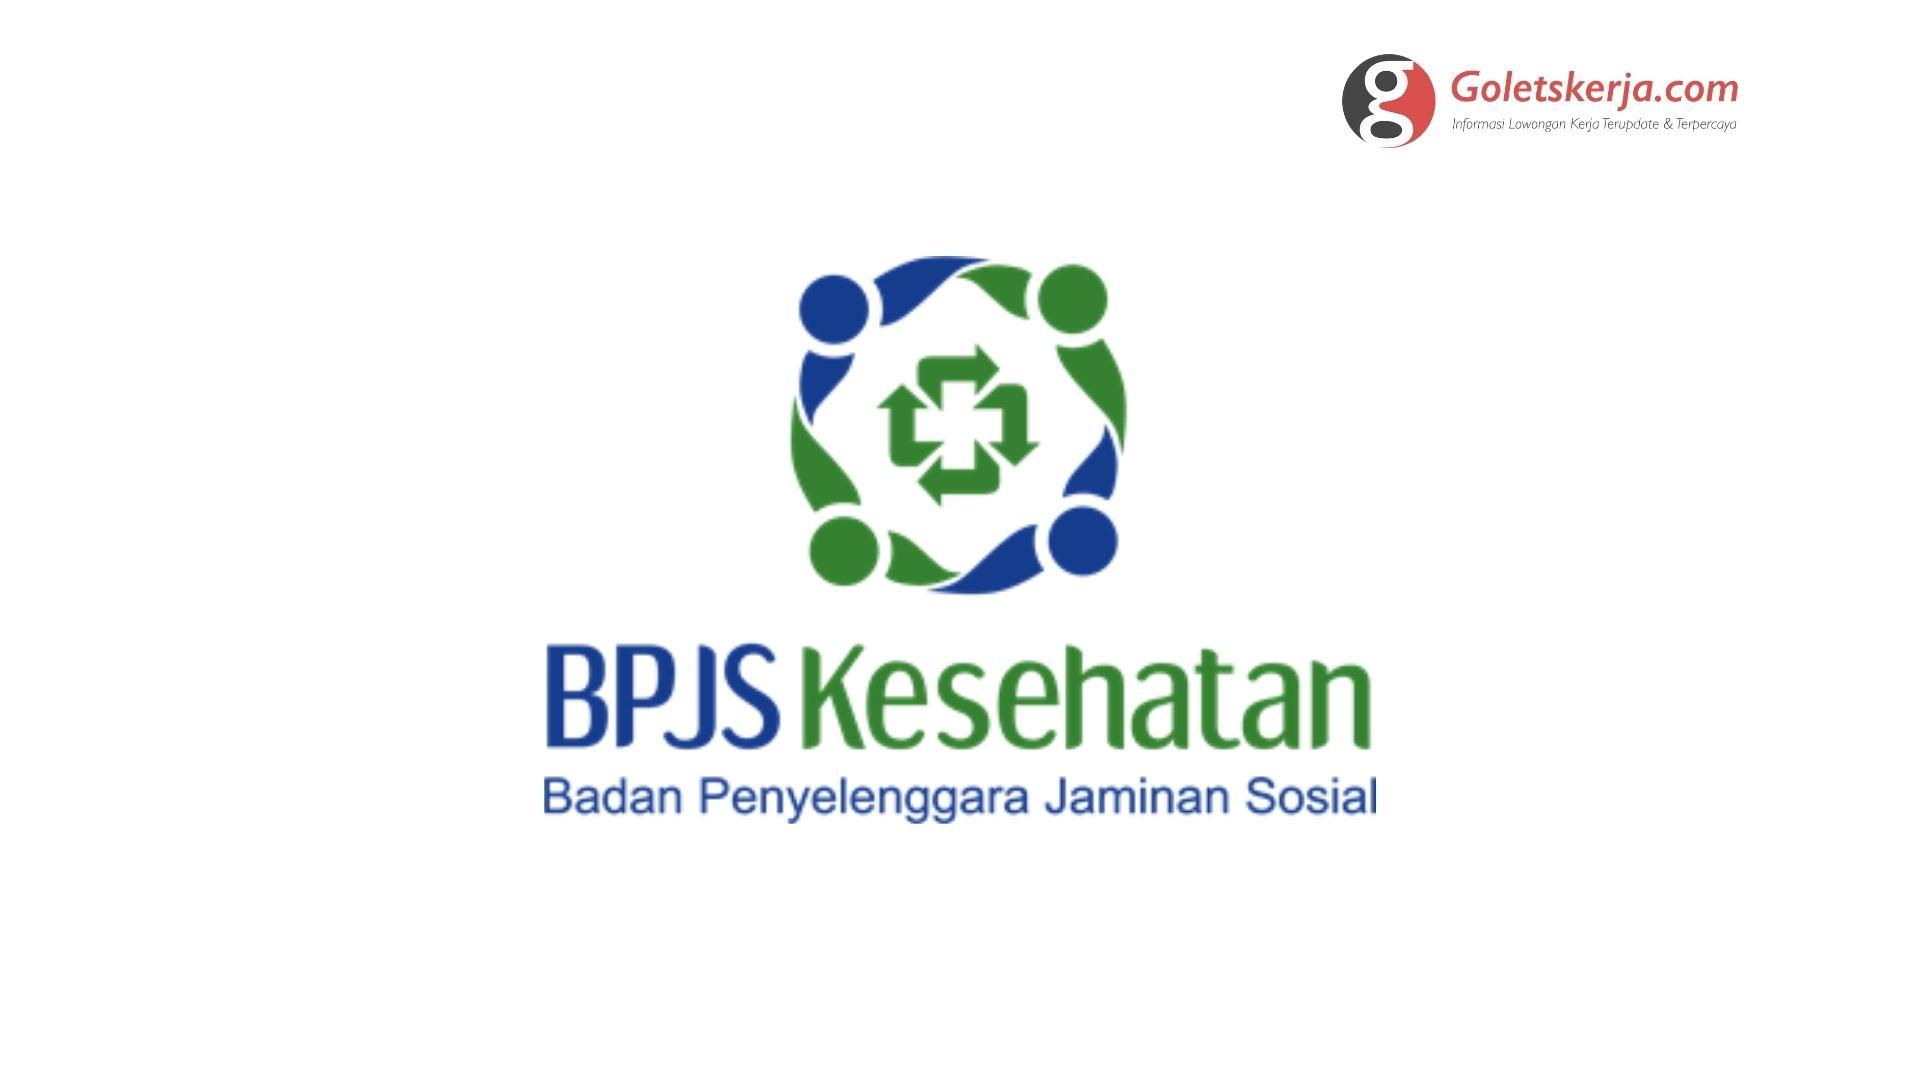 Lowongan Kerja BPJS Kesehatan - Pegawai Tidak Tetap (PTT)